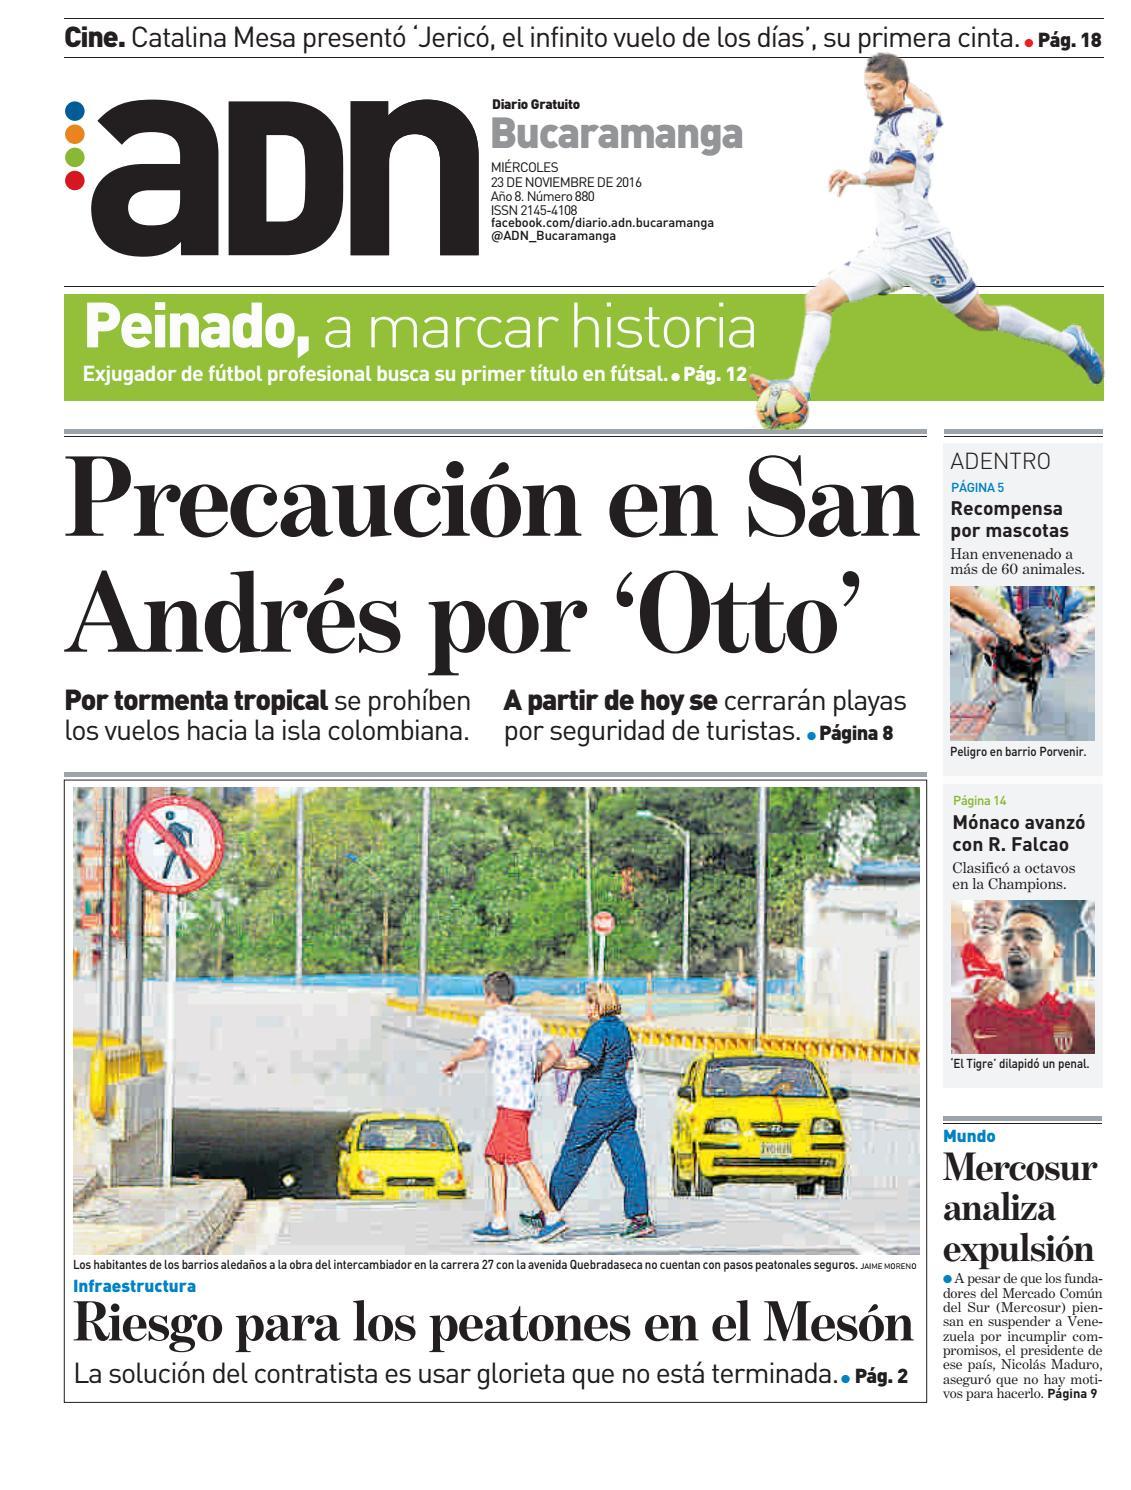 Adn bucaramanga 23 de noviembre by diarioadn.co - issuu